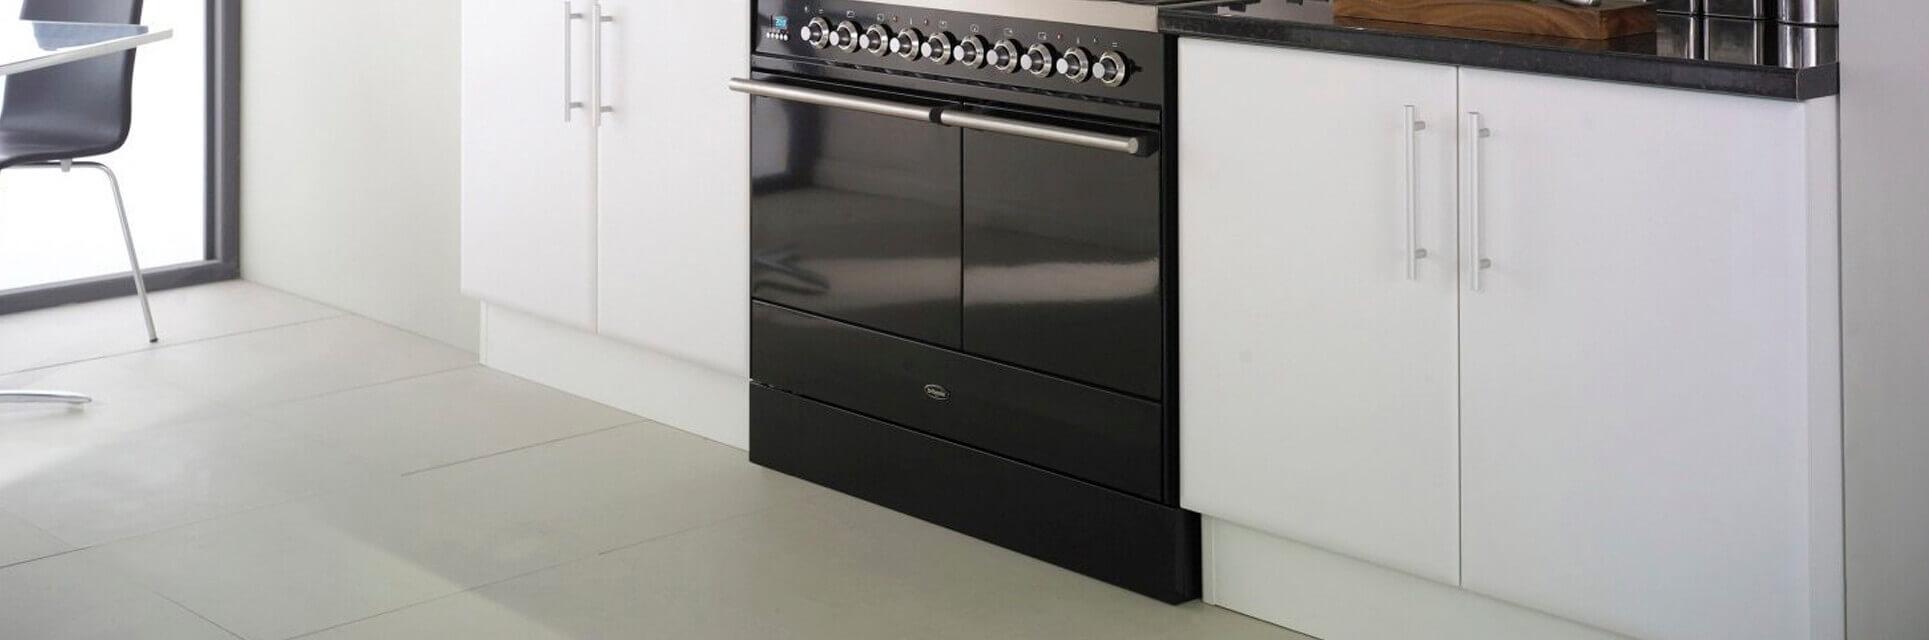 Servicio técnico hornos indesit